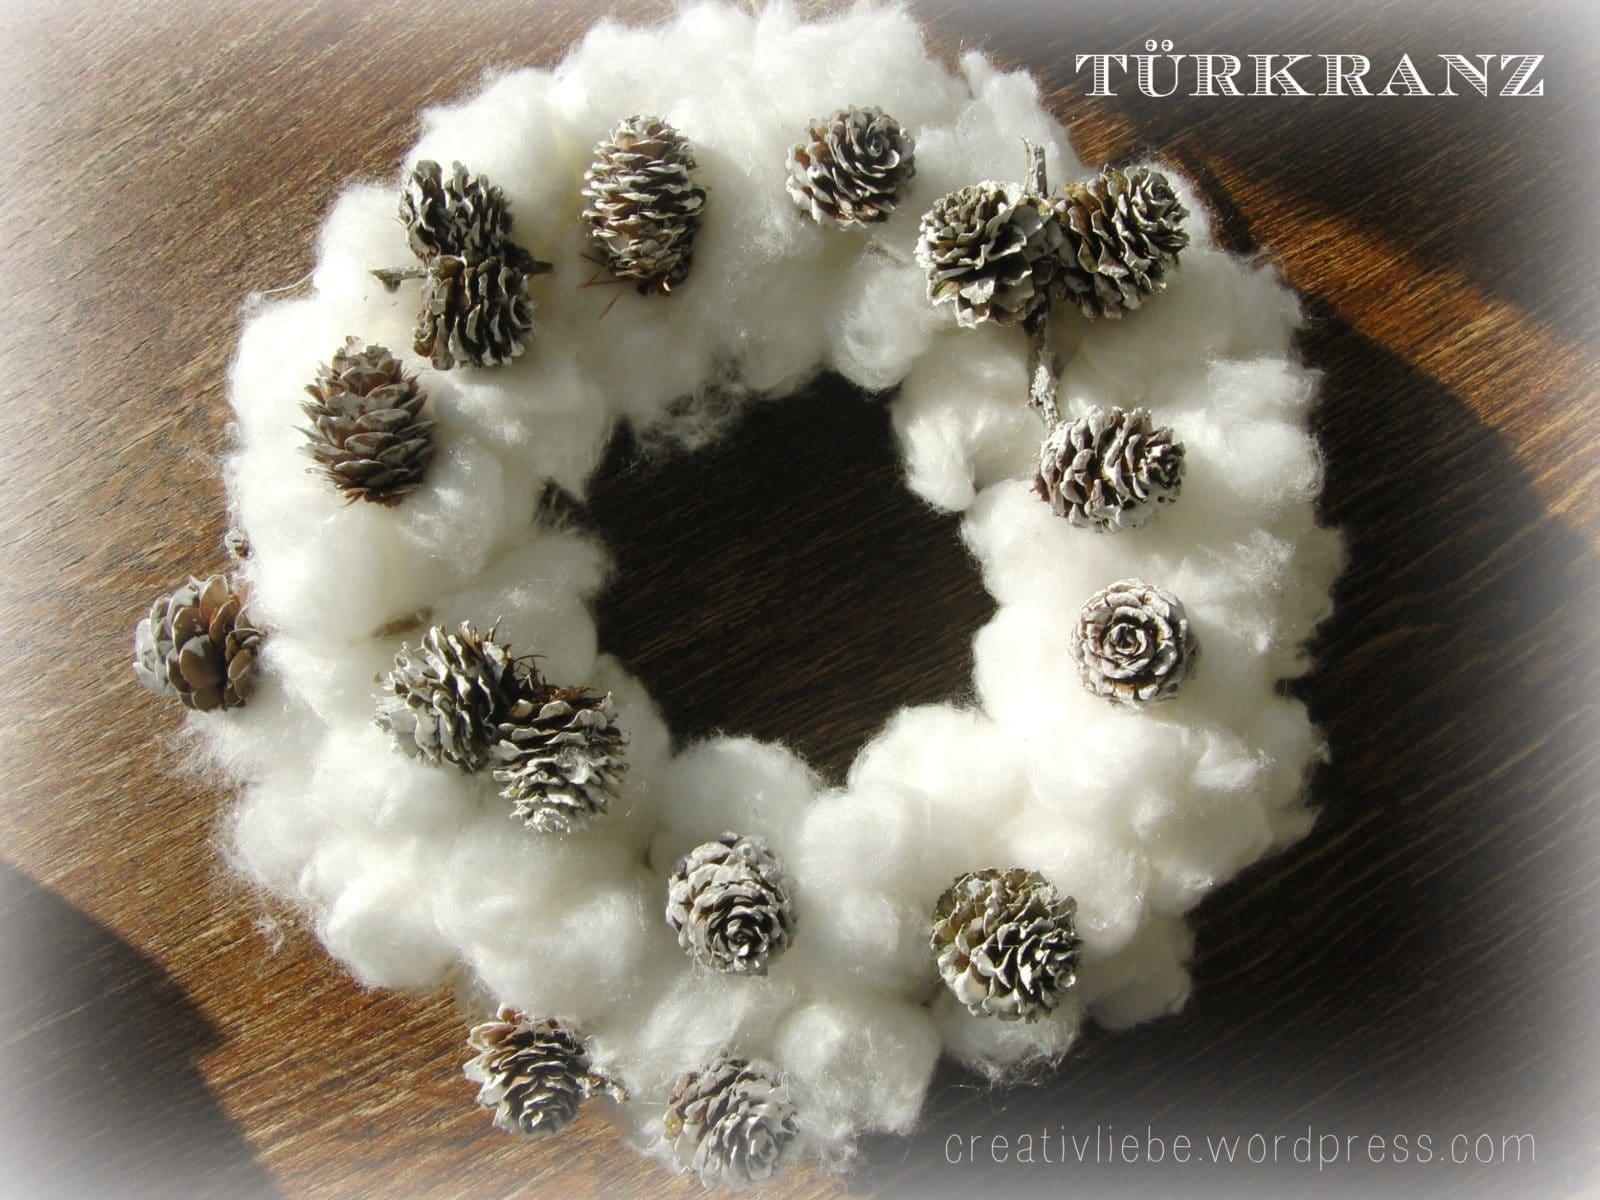 Türkranz Für Den Winter